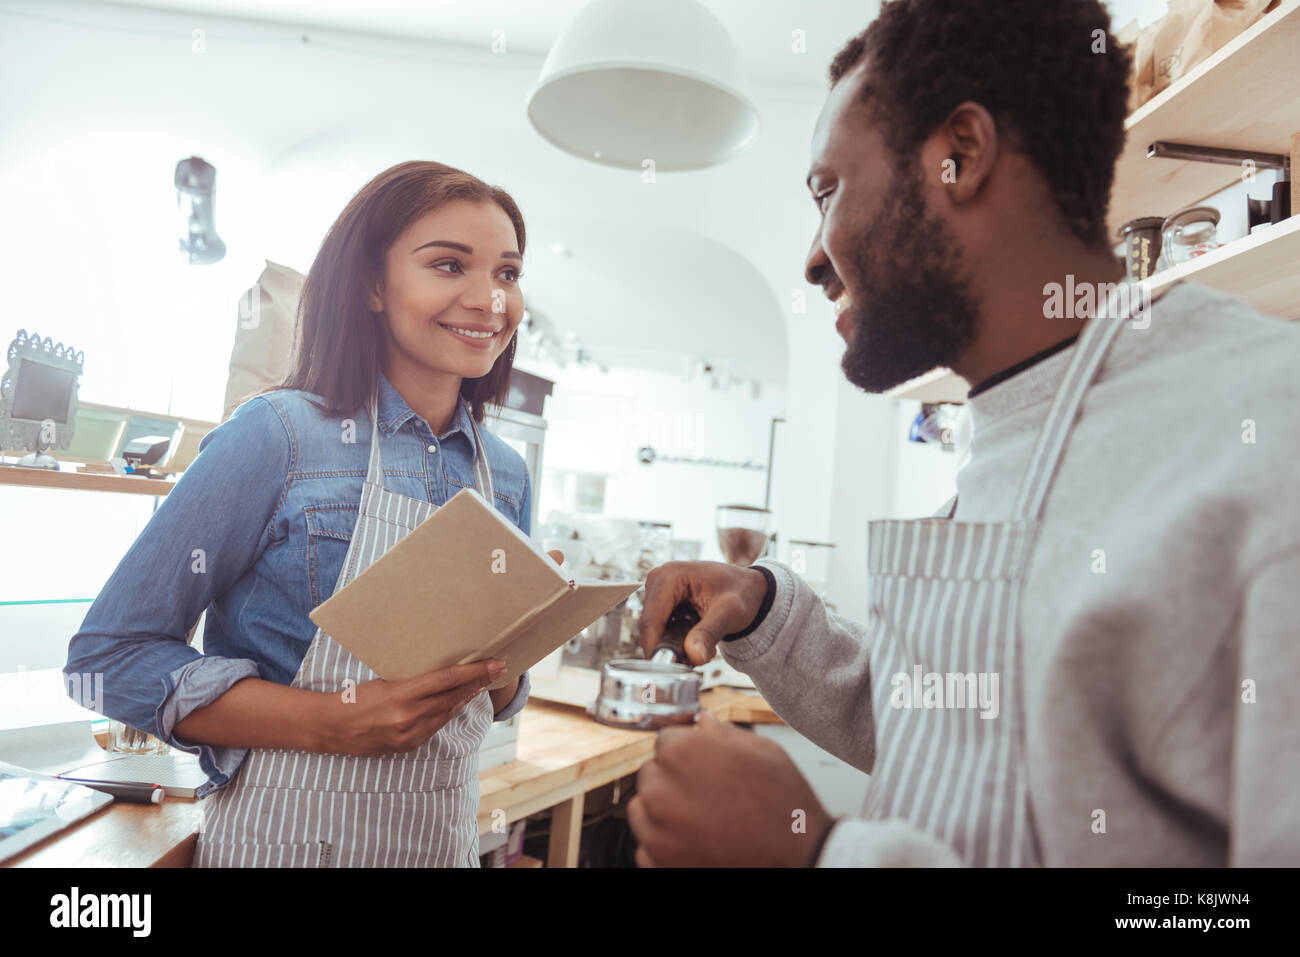 Charmante barista erklärt seinen Kollegen wie portafilter zu verwenden Stockbild